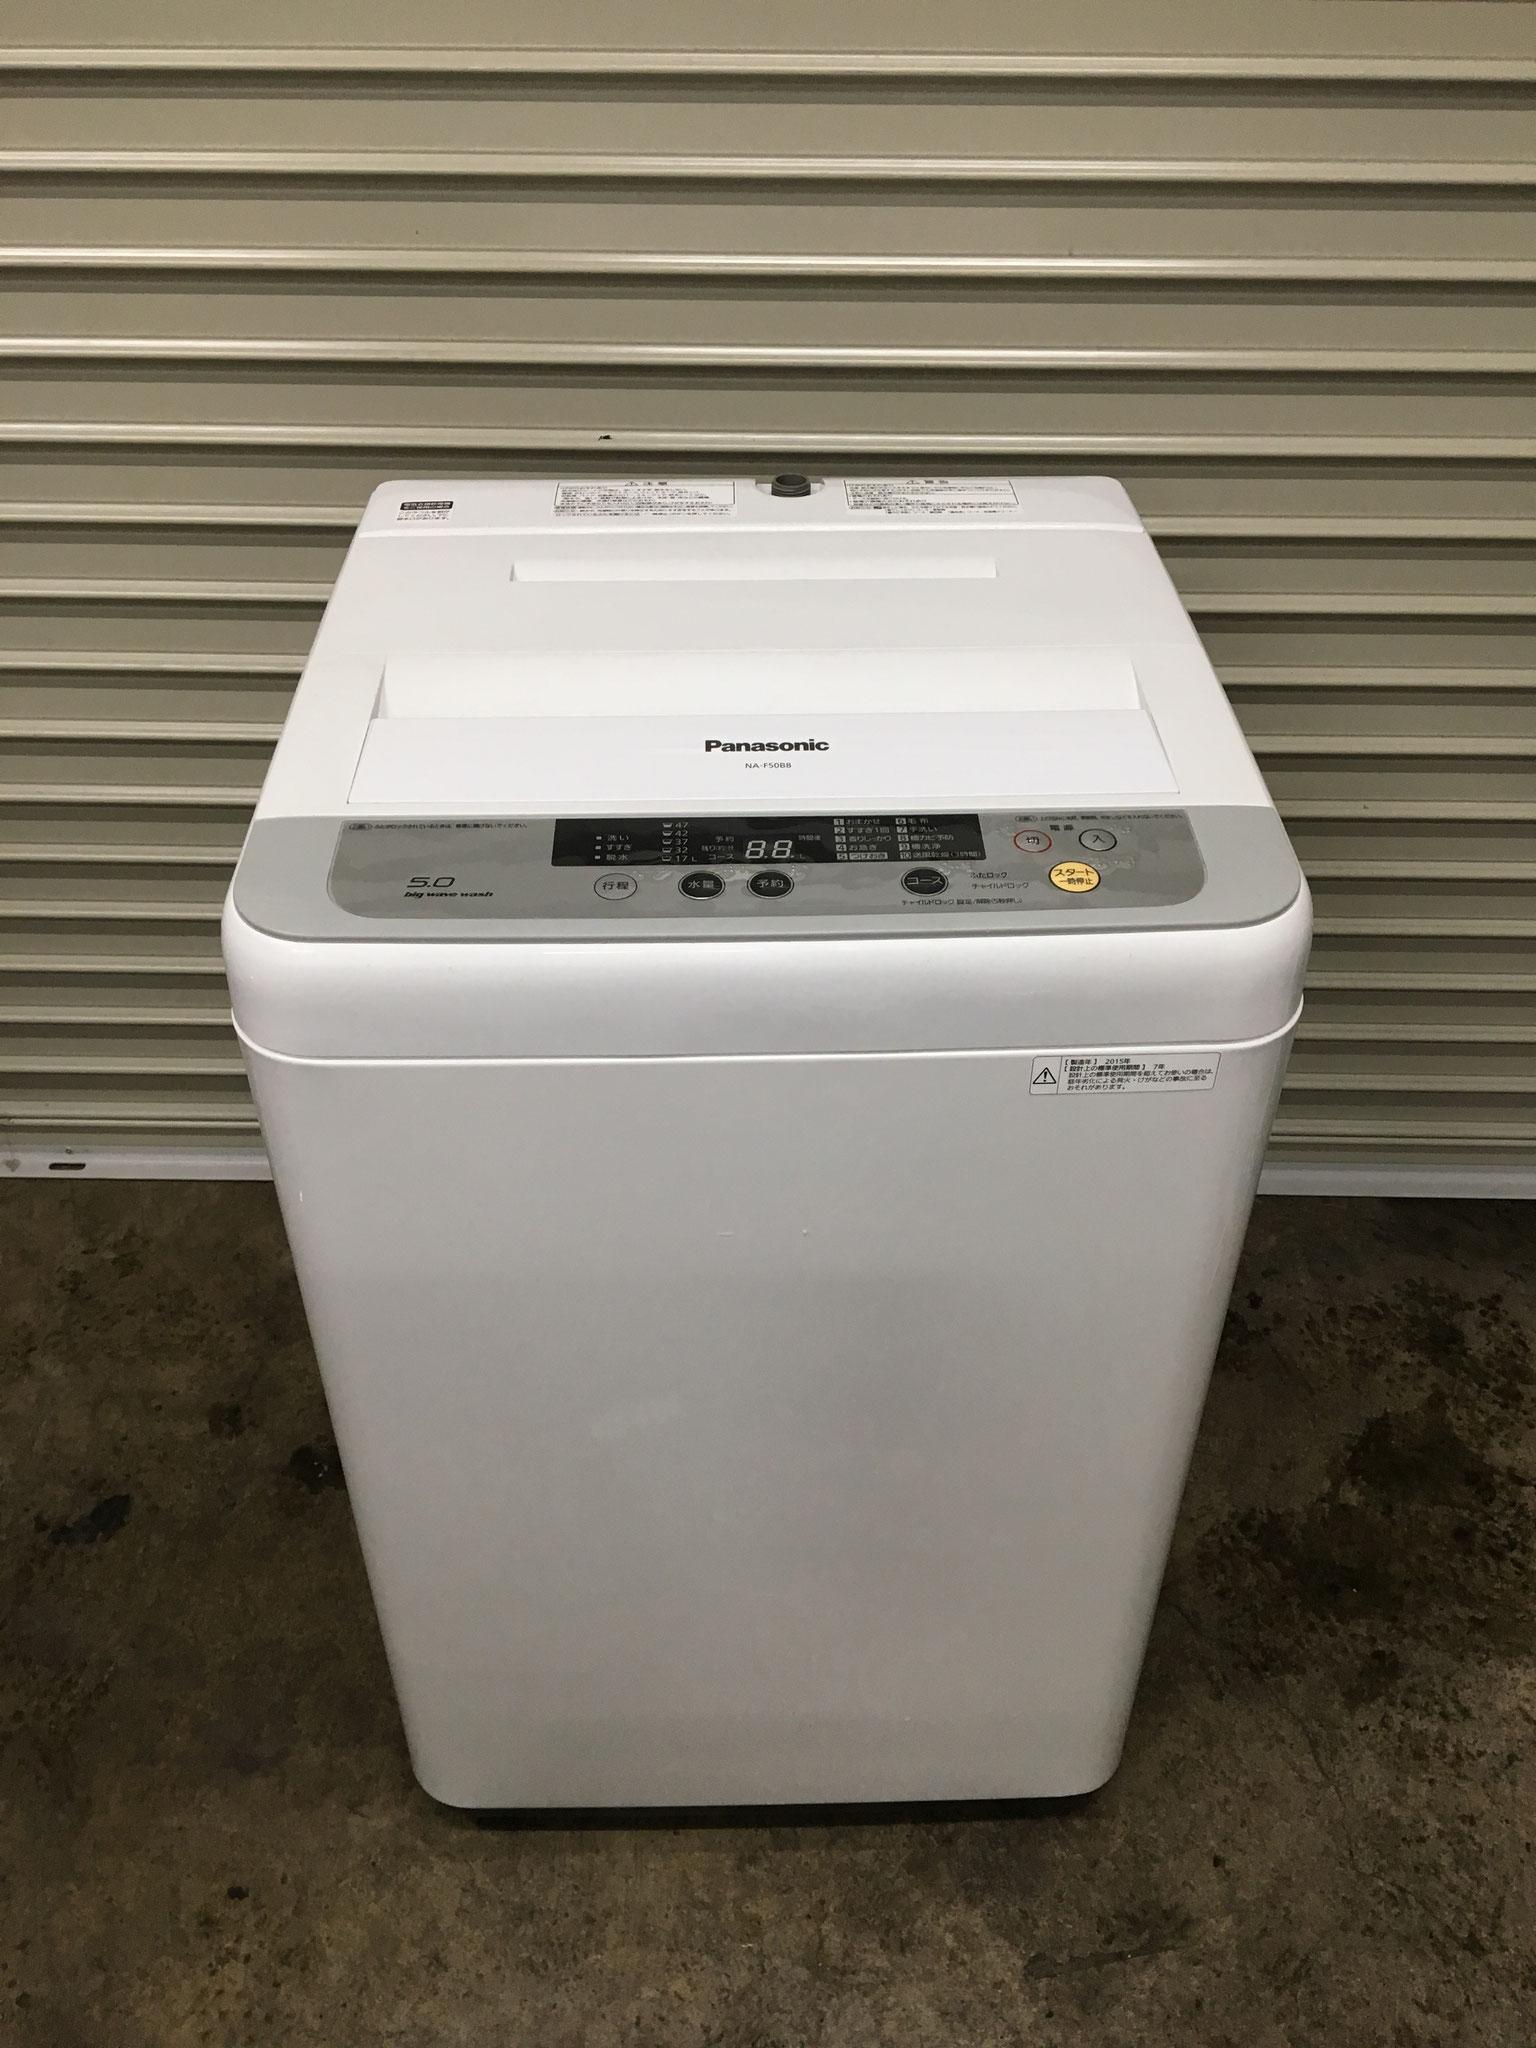 2015年製5.0㎏札幌洗濯機買取4000円